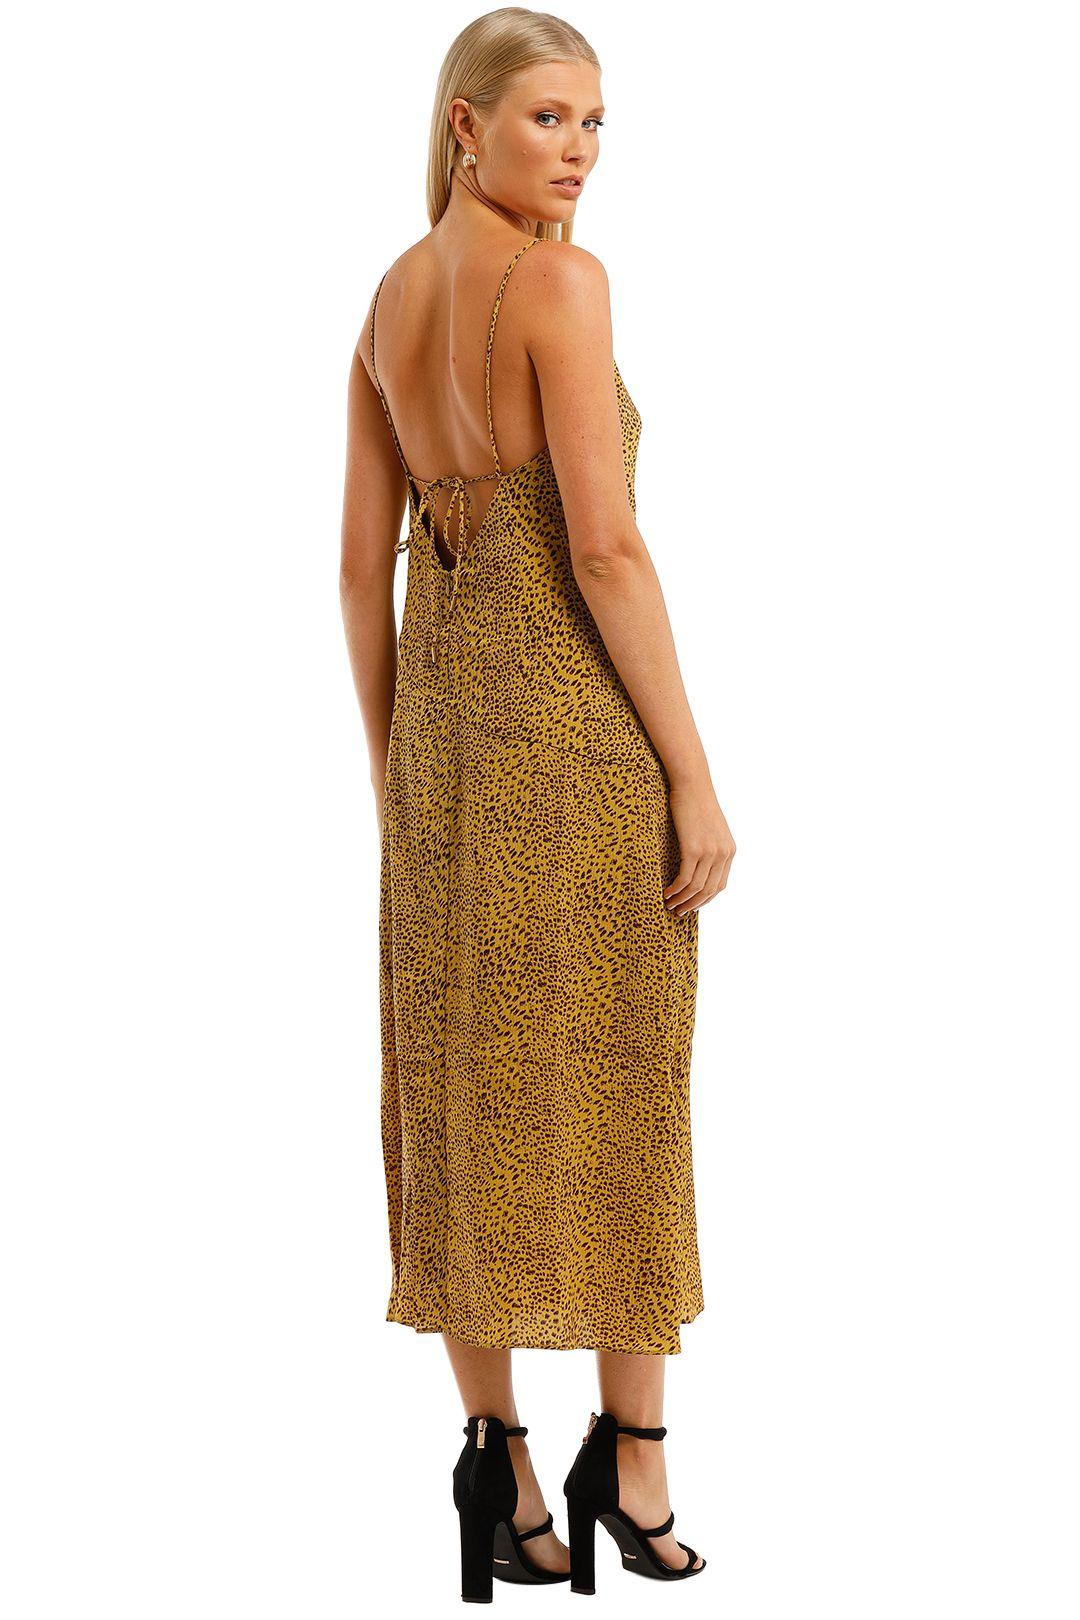 Elliatt-Tudor-Dress-Multi-Back